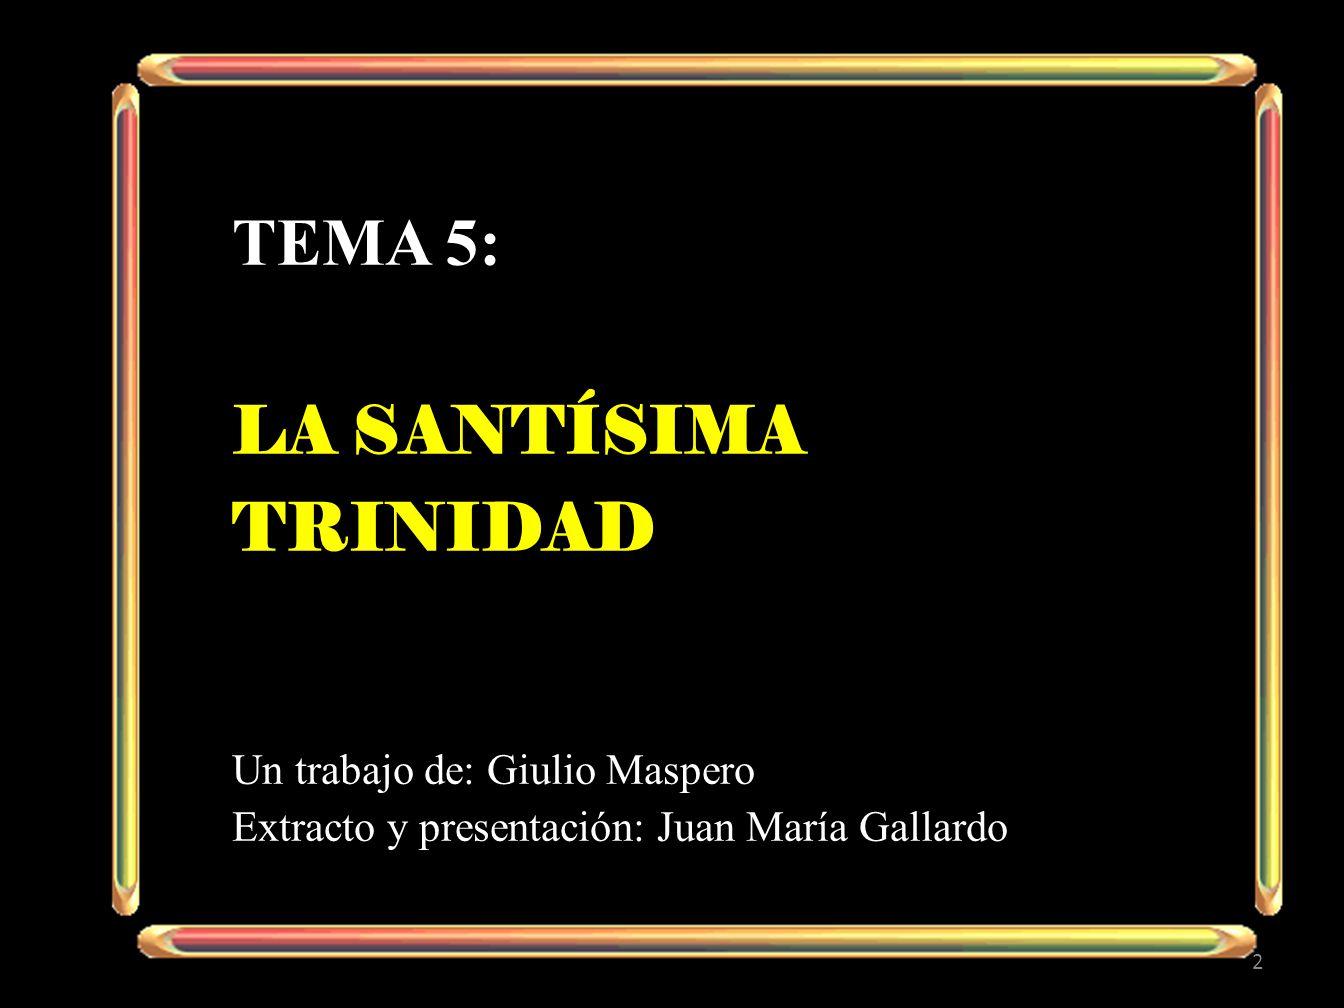 TEMA 5: LA SANTÍSIMA TRINIDAD Un trabajo de: Giulio Maspero Extracto y presentación: Juan María Gallardo 2